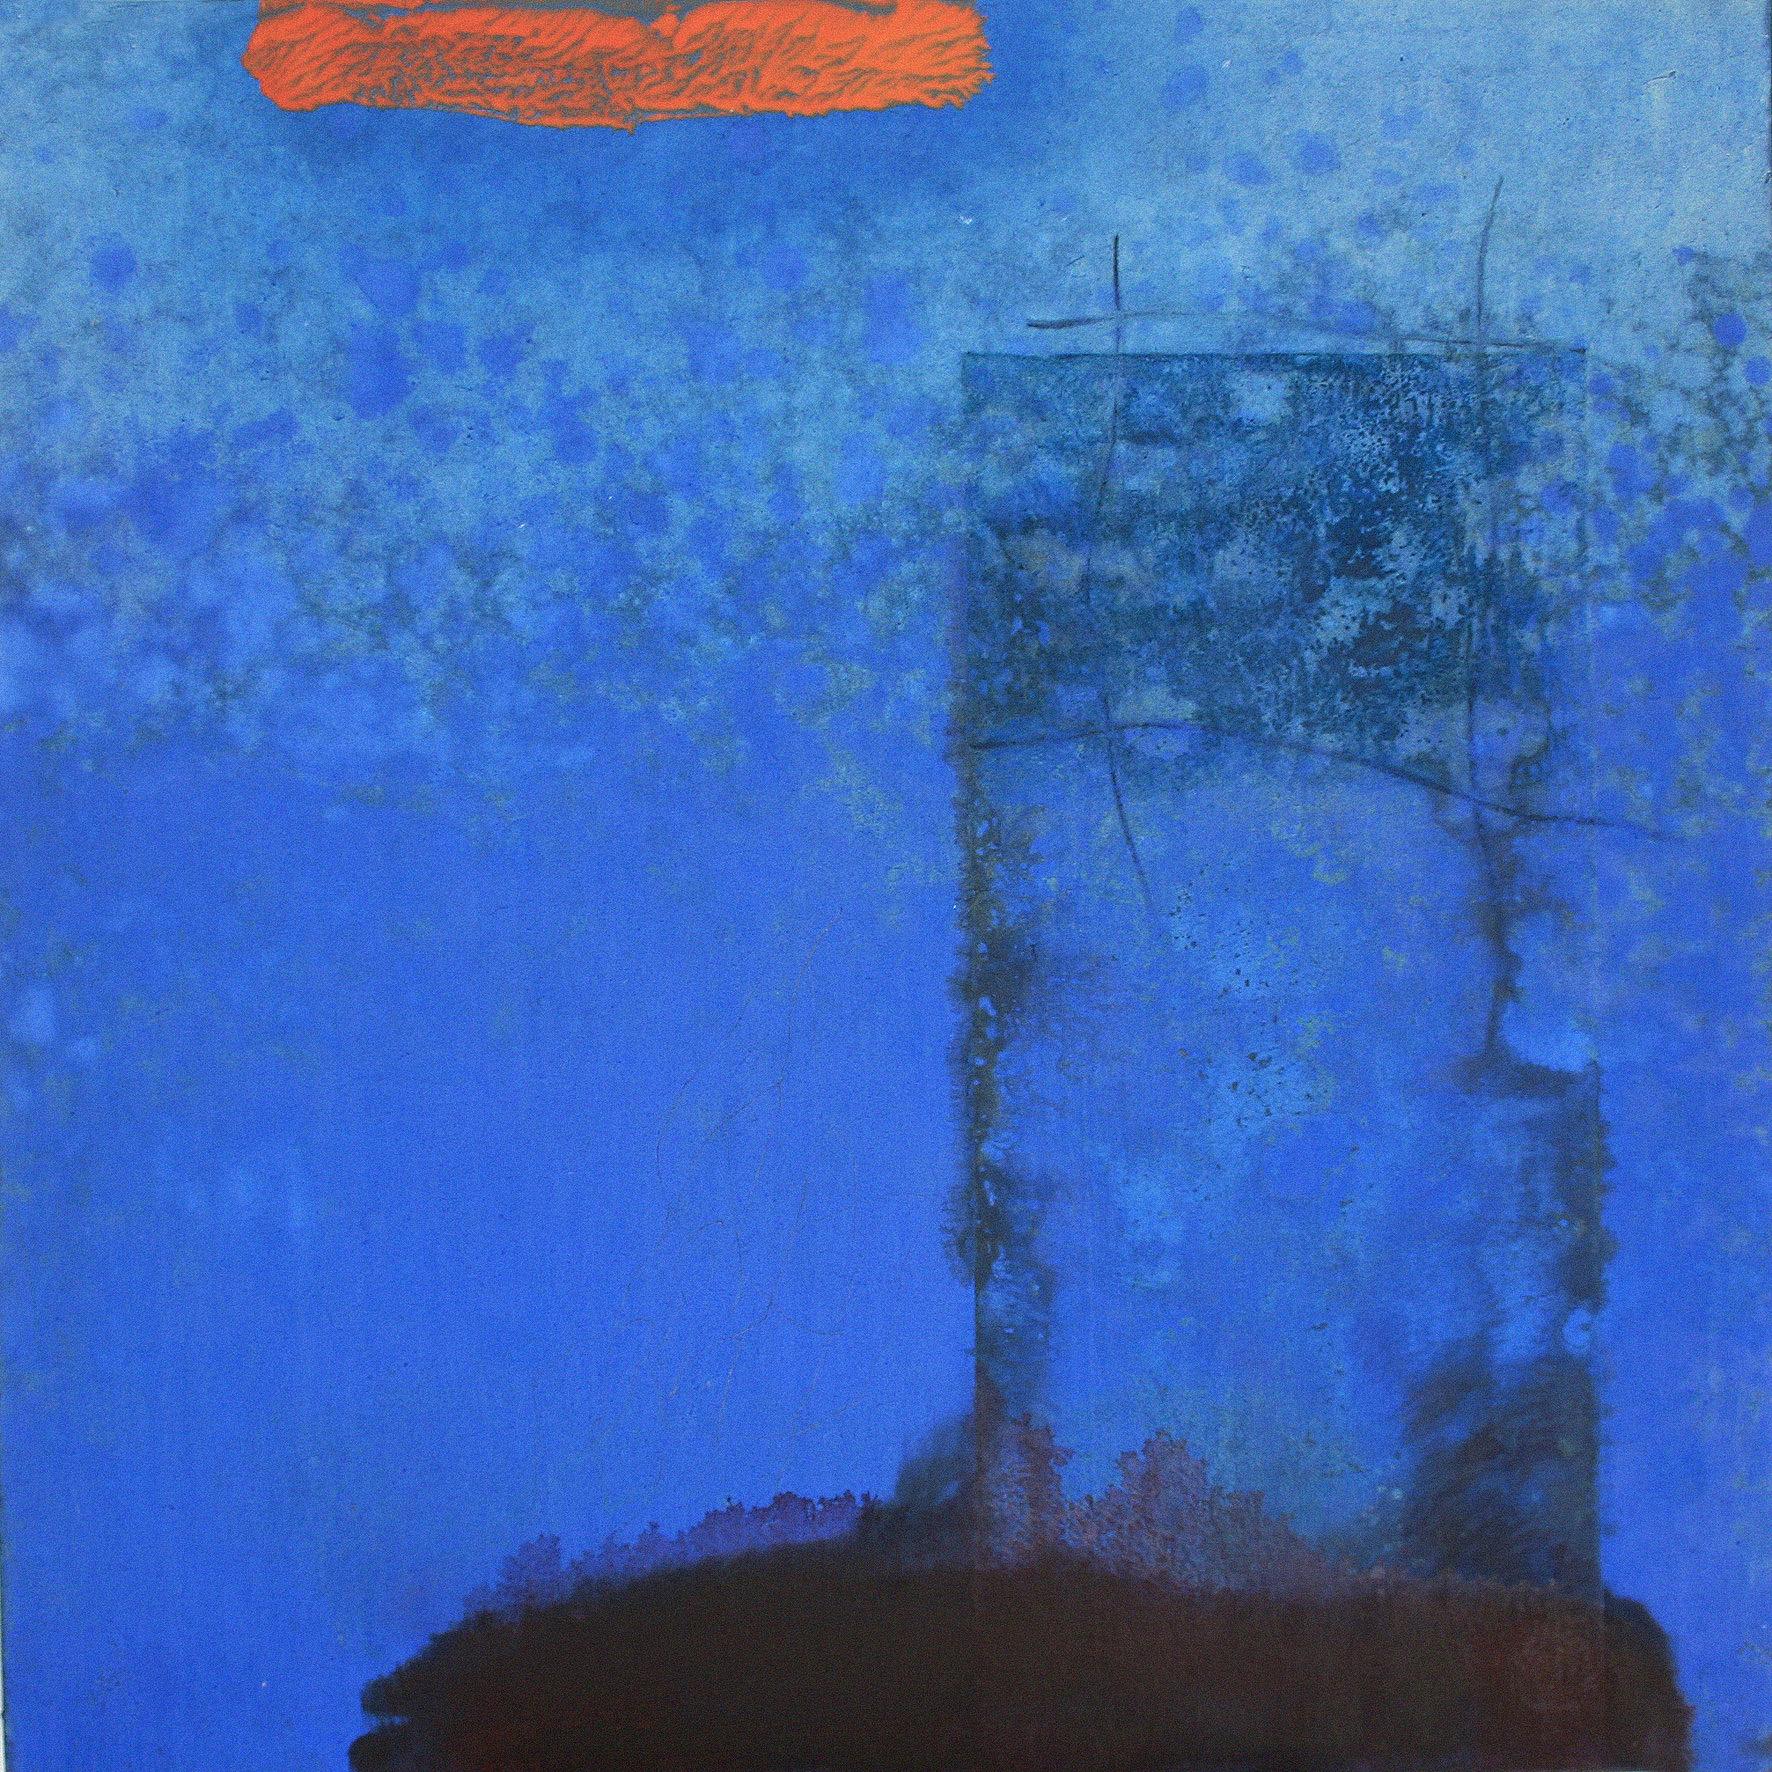 Sense títol,  pintura, pastell i carbó sobre tela, 130 x 130 centímetres, 2008